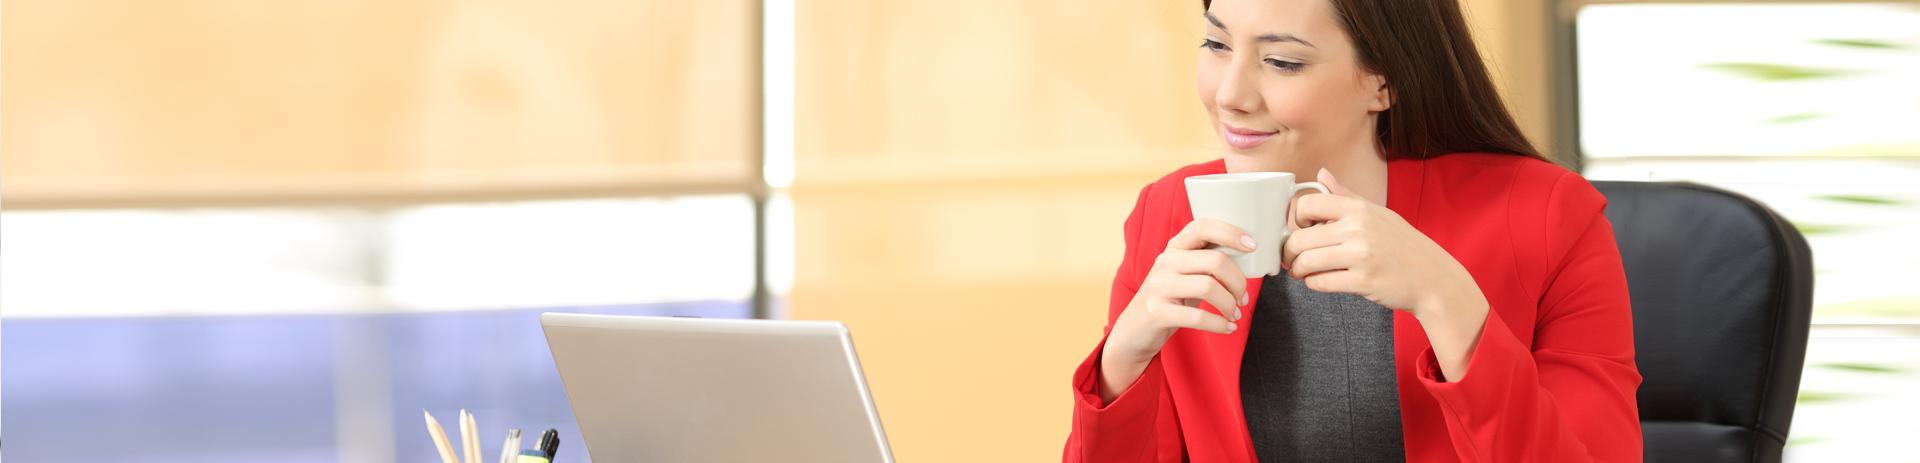 Frau, die im Büro vor dem Laptop sitzt